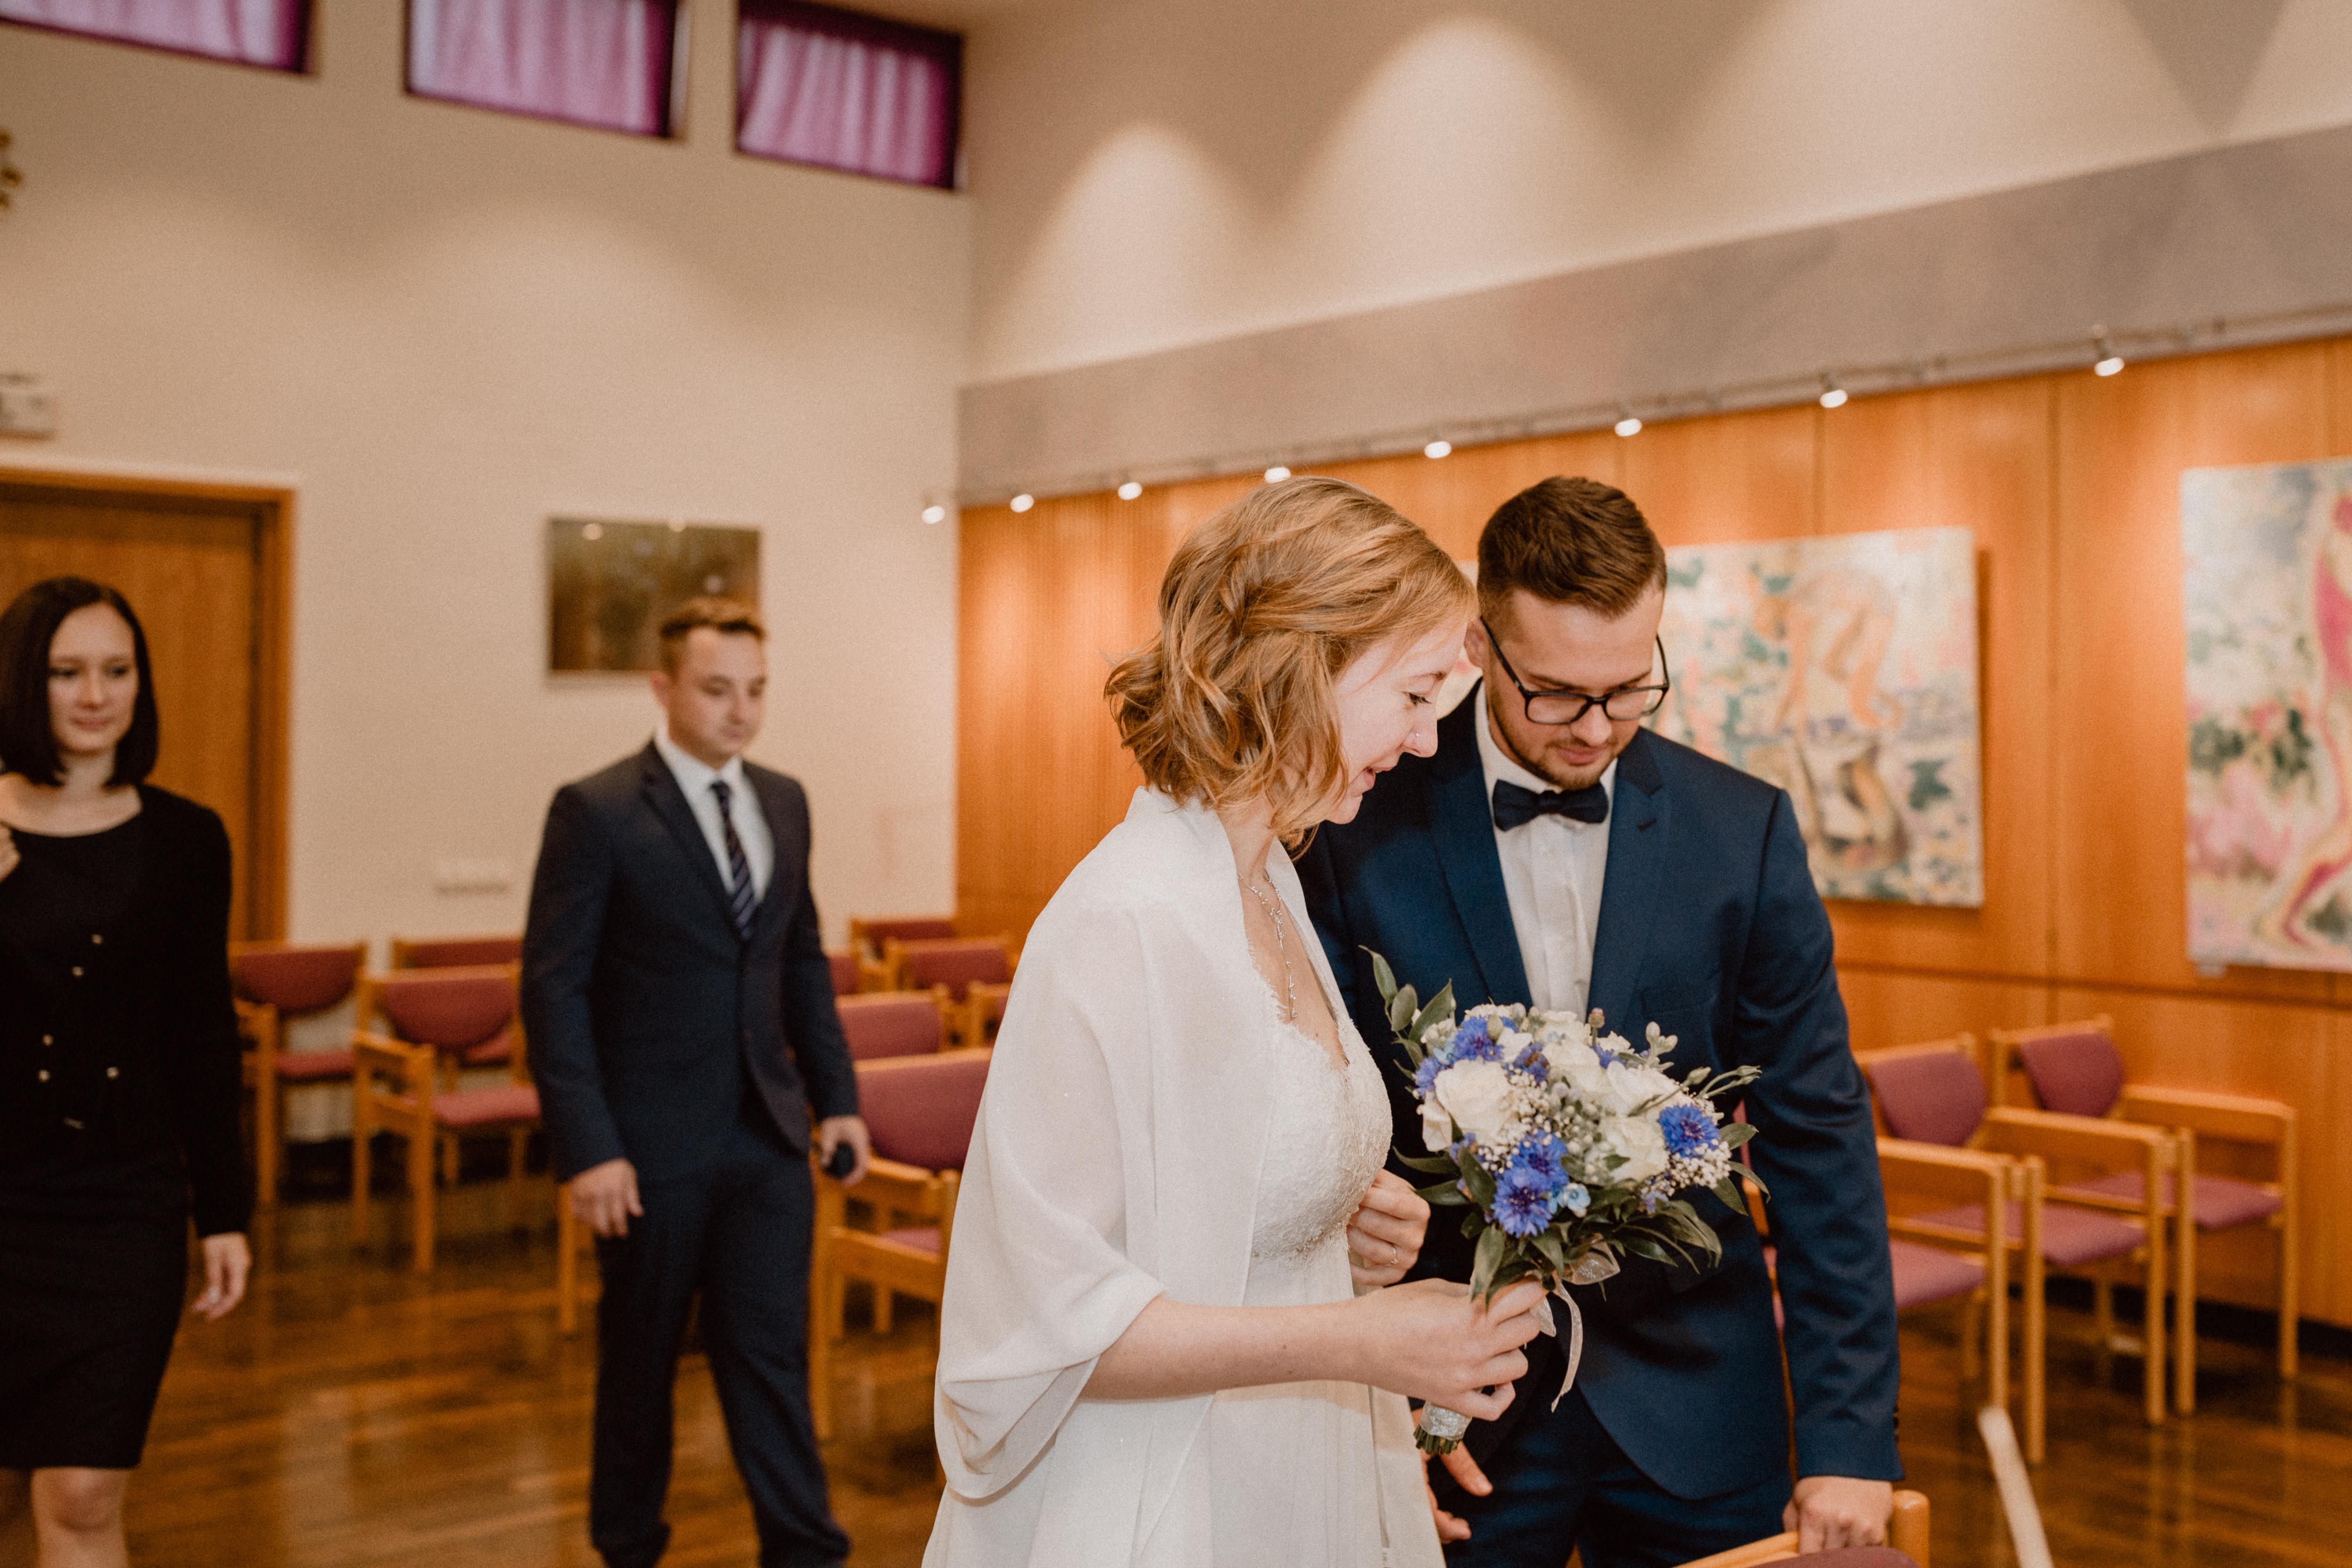 URBANERIE_Daniela_Goth_Hochzeitsfotografin_Nürnberg_Fürth_Erlangen_Schwabach_17907_0057